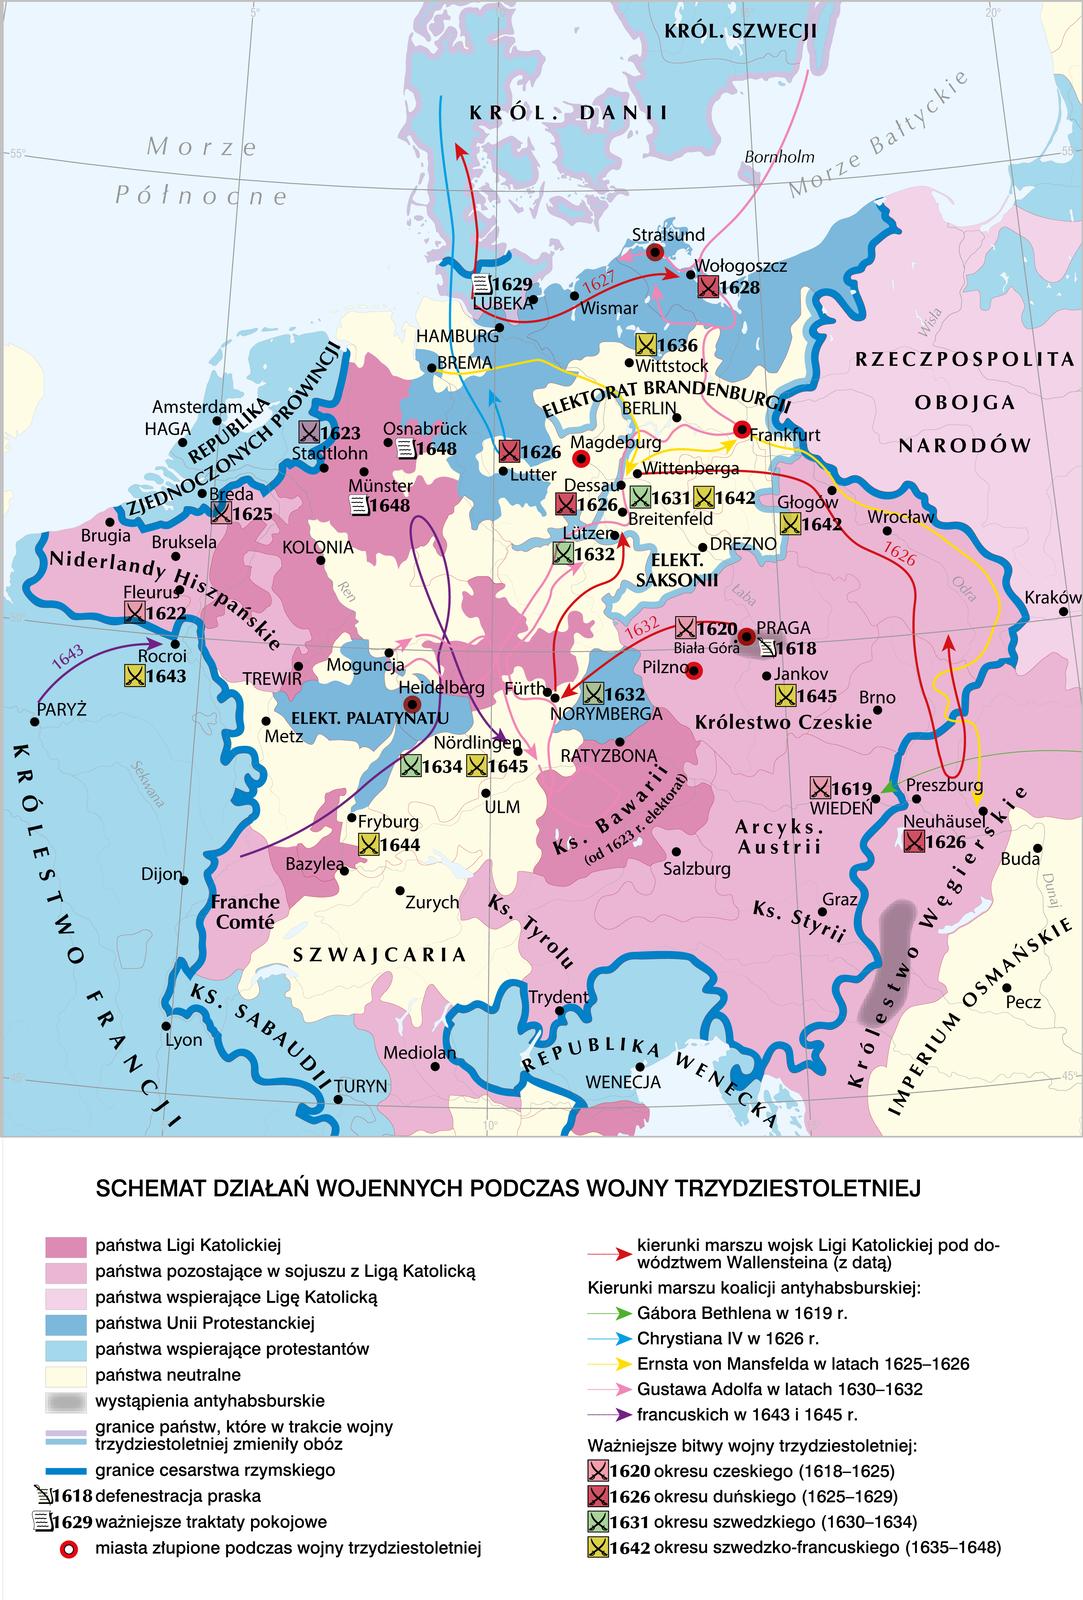 Schemat działań wojennych podczas wojny trzydziestoletniej Schemat działań wojennych podczas wojny trzydziestoletniej Źródło: Contentplus.pl sp. zo.o., licencja: CC BY 4.0.